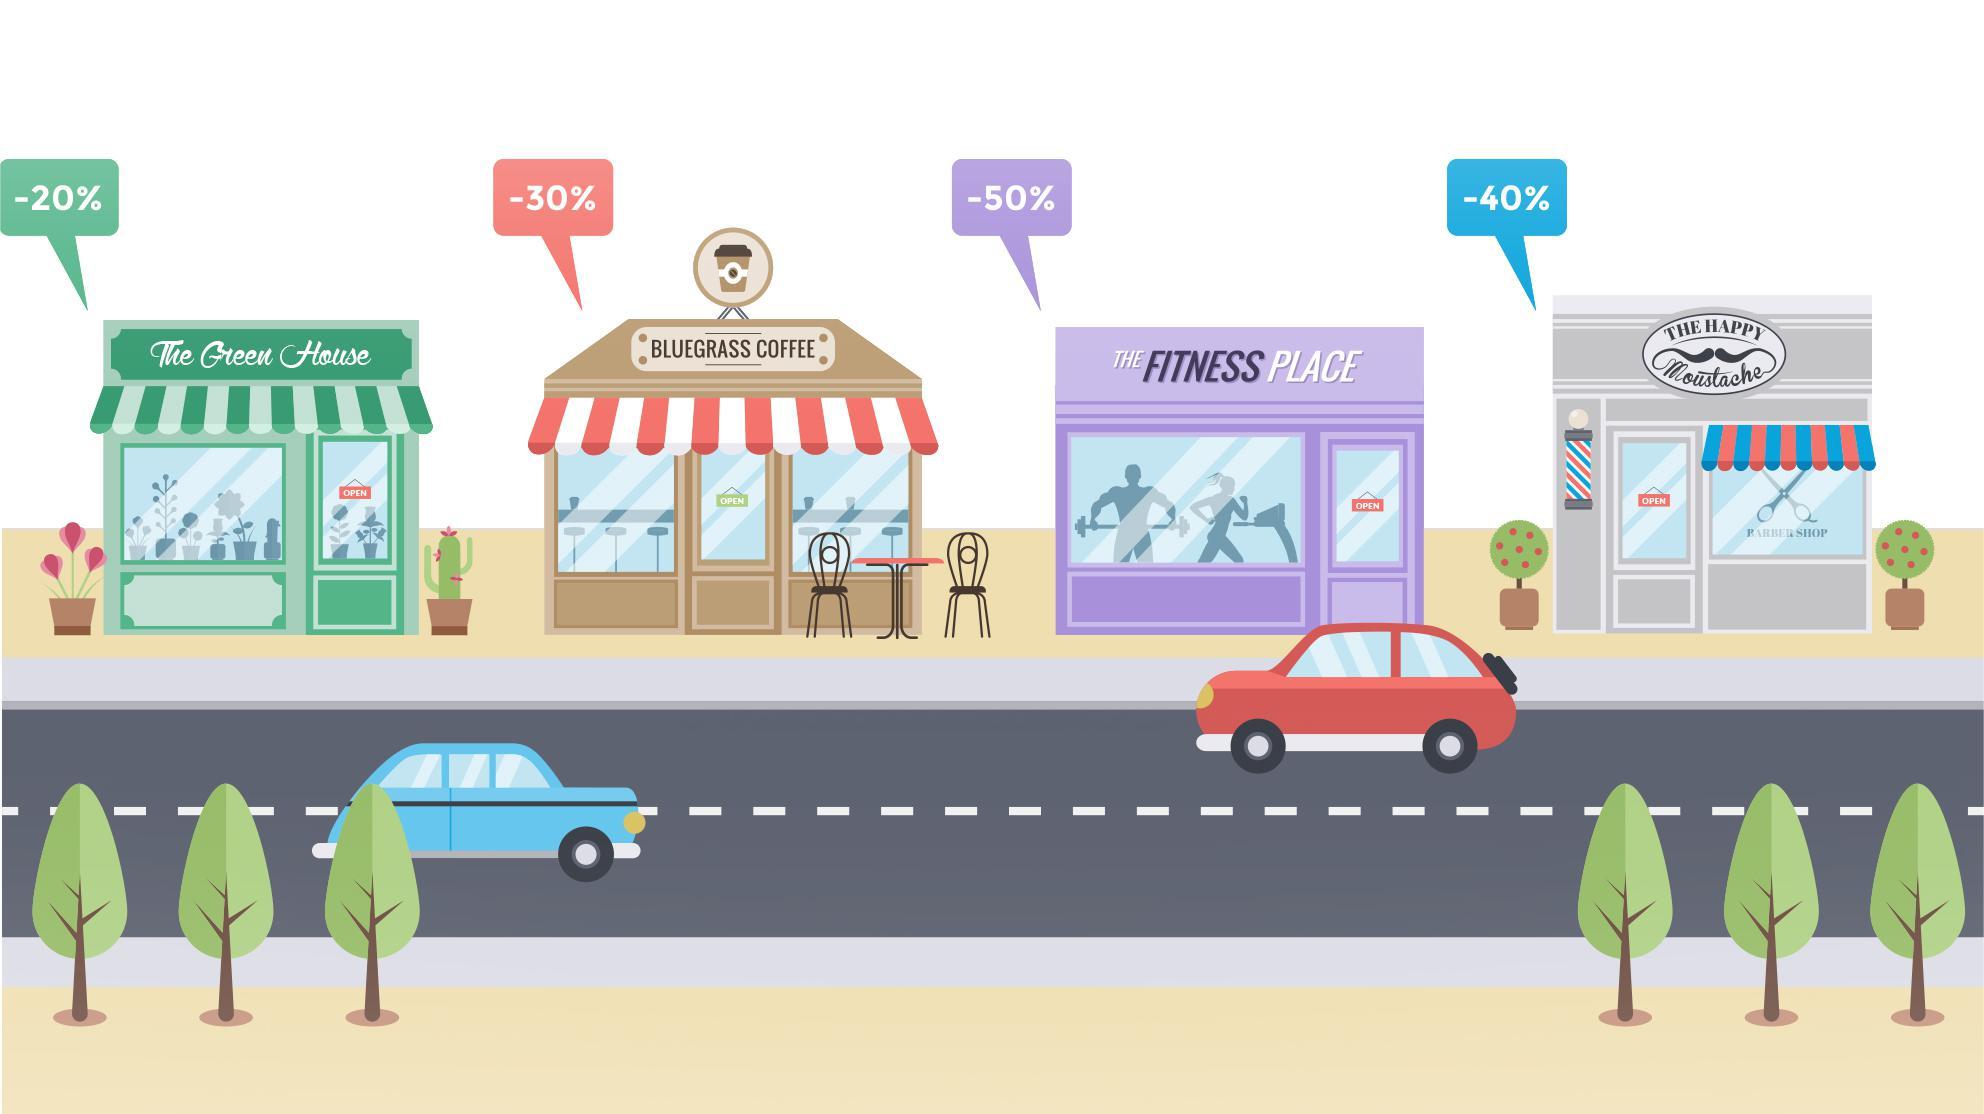 Alavanque suas vendas com o nosso novo Add-On Couponing